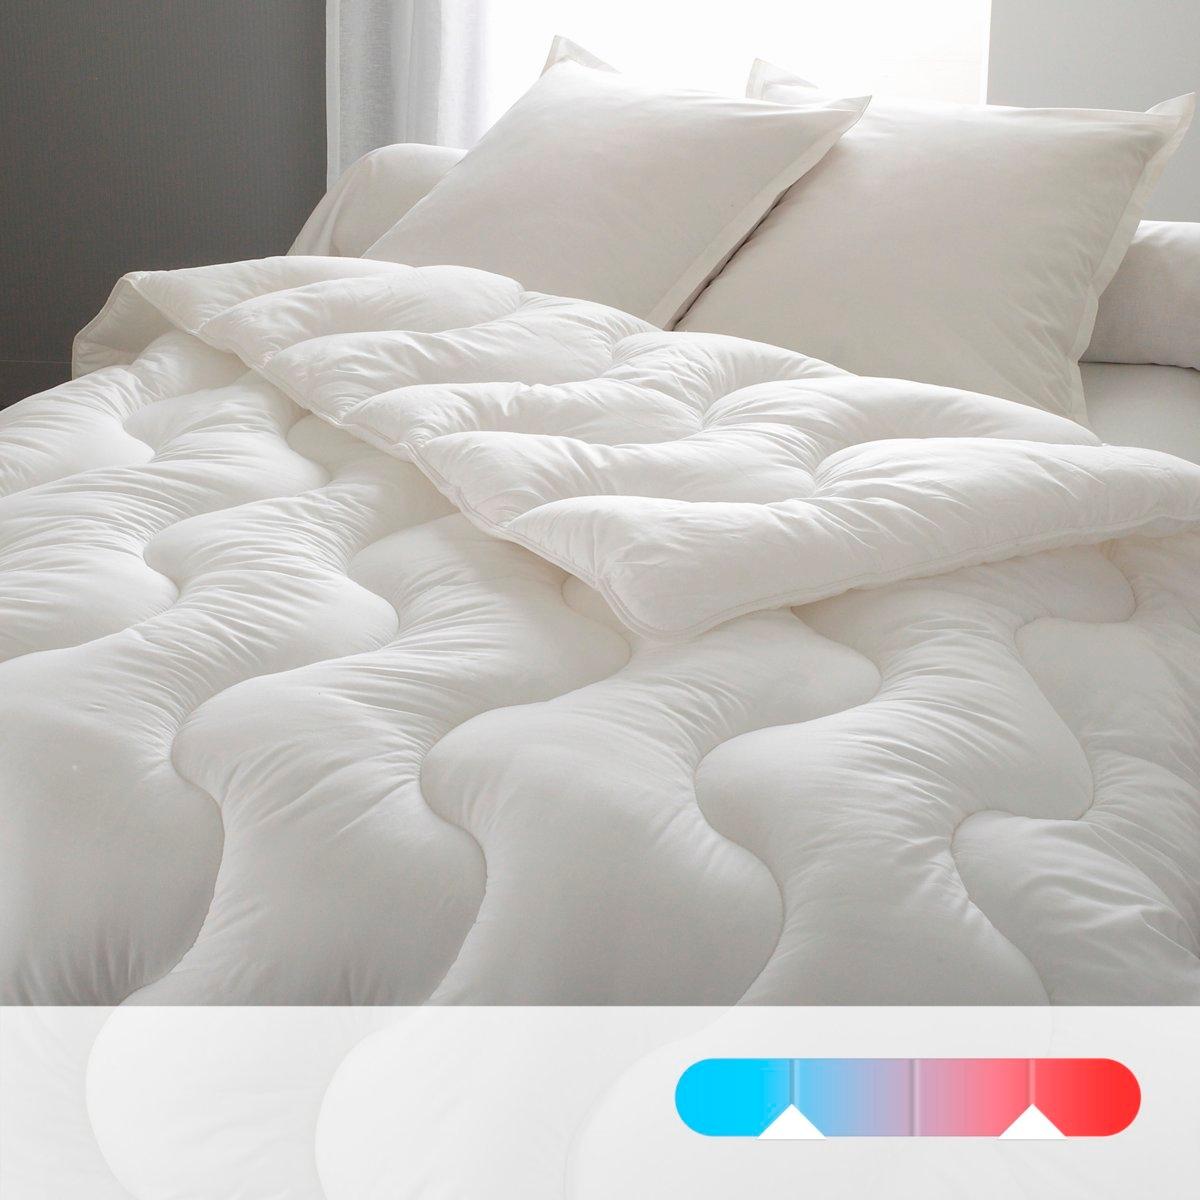 Одеяло синтетическое с чехлом из натурального материала от La Redoute